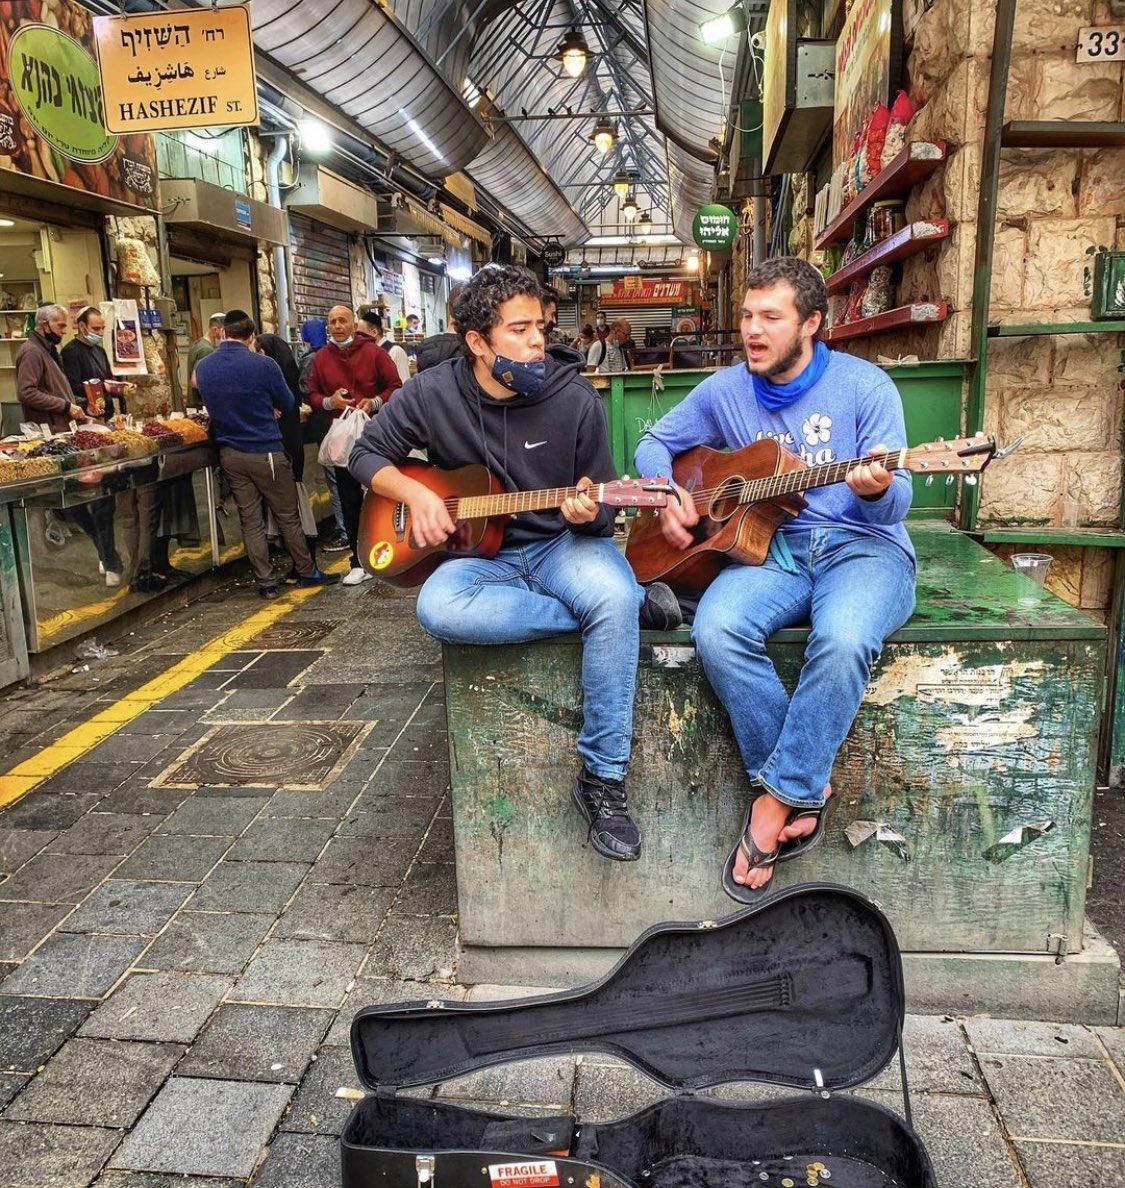 جمعة مباركة من سوق محني يهودا من بين اكثر الاسواق شهرة واهمية في اسرائيل  RamiCohen …